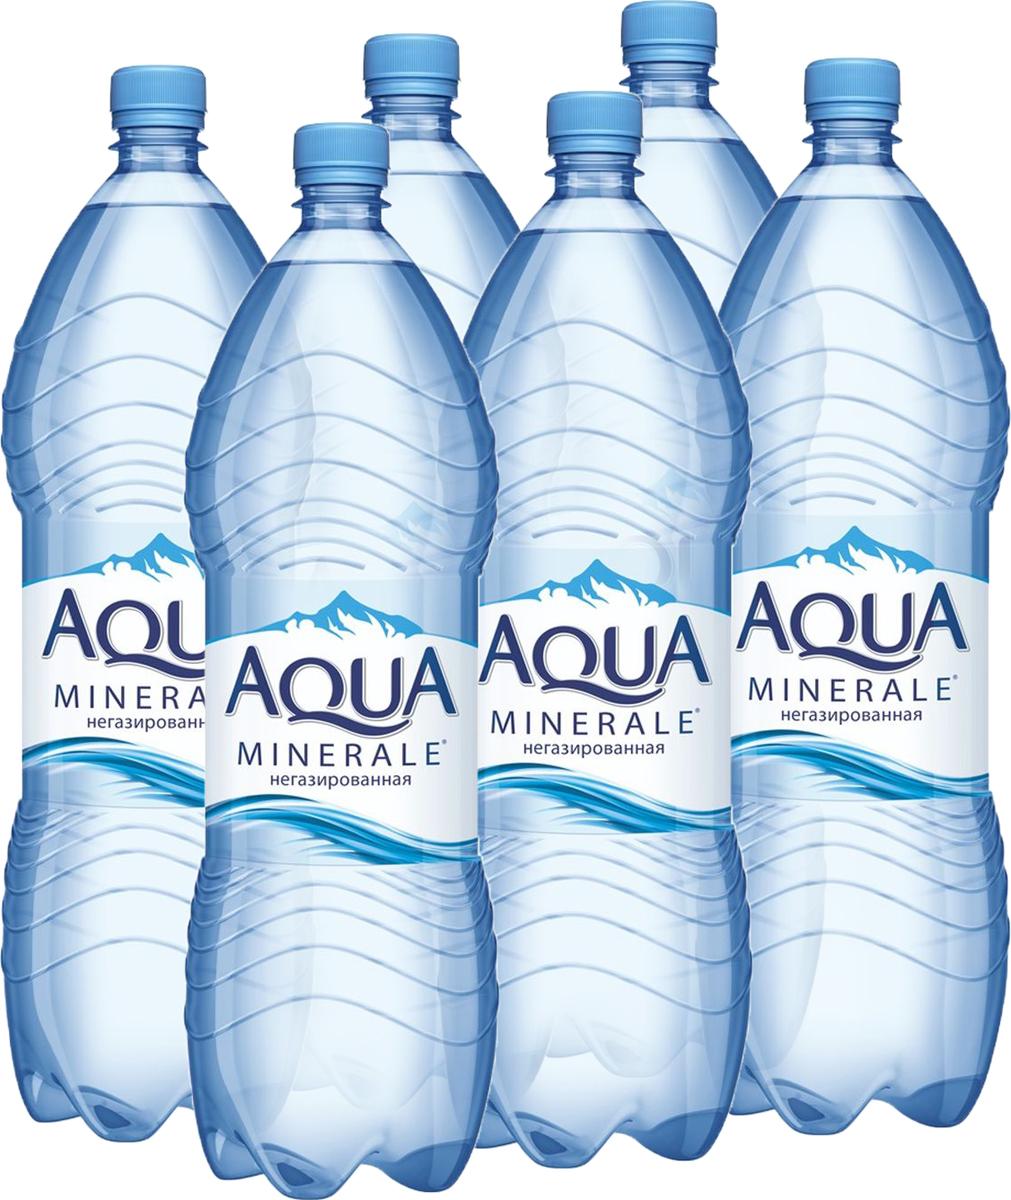 Aqua Minerale вода питьевая негазированная, 6 штук по 2 л aqua minerale вода питьевая негазированная 6 штук по 2 л